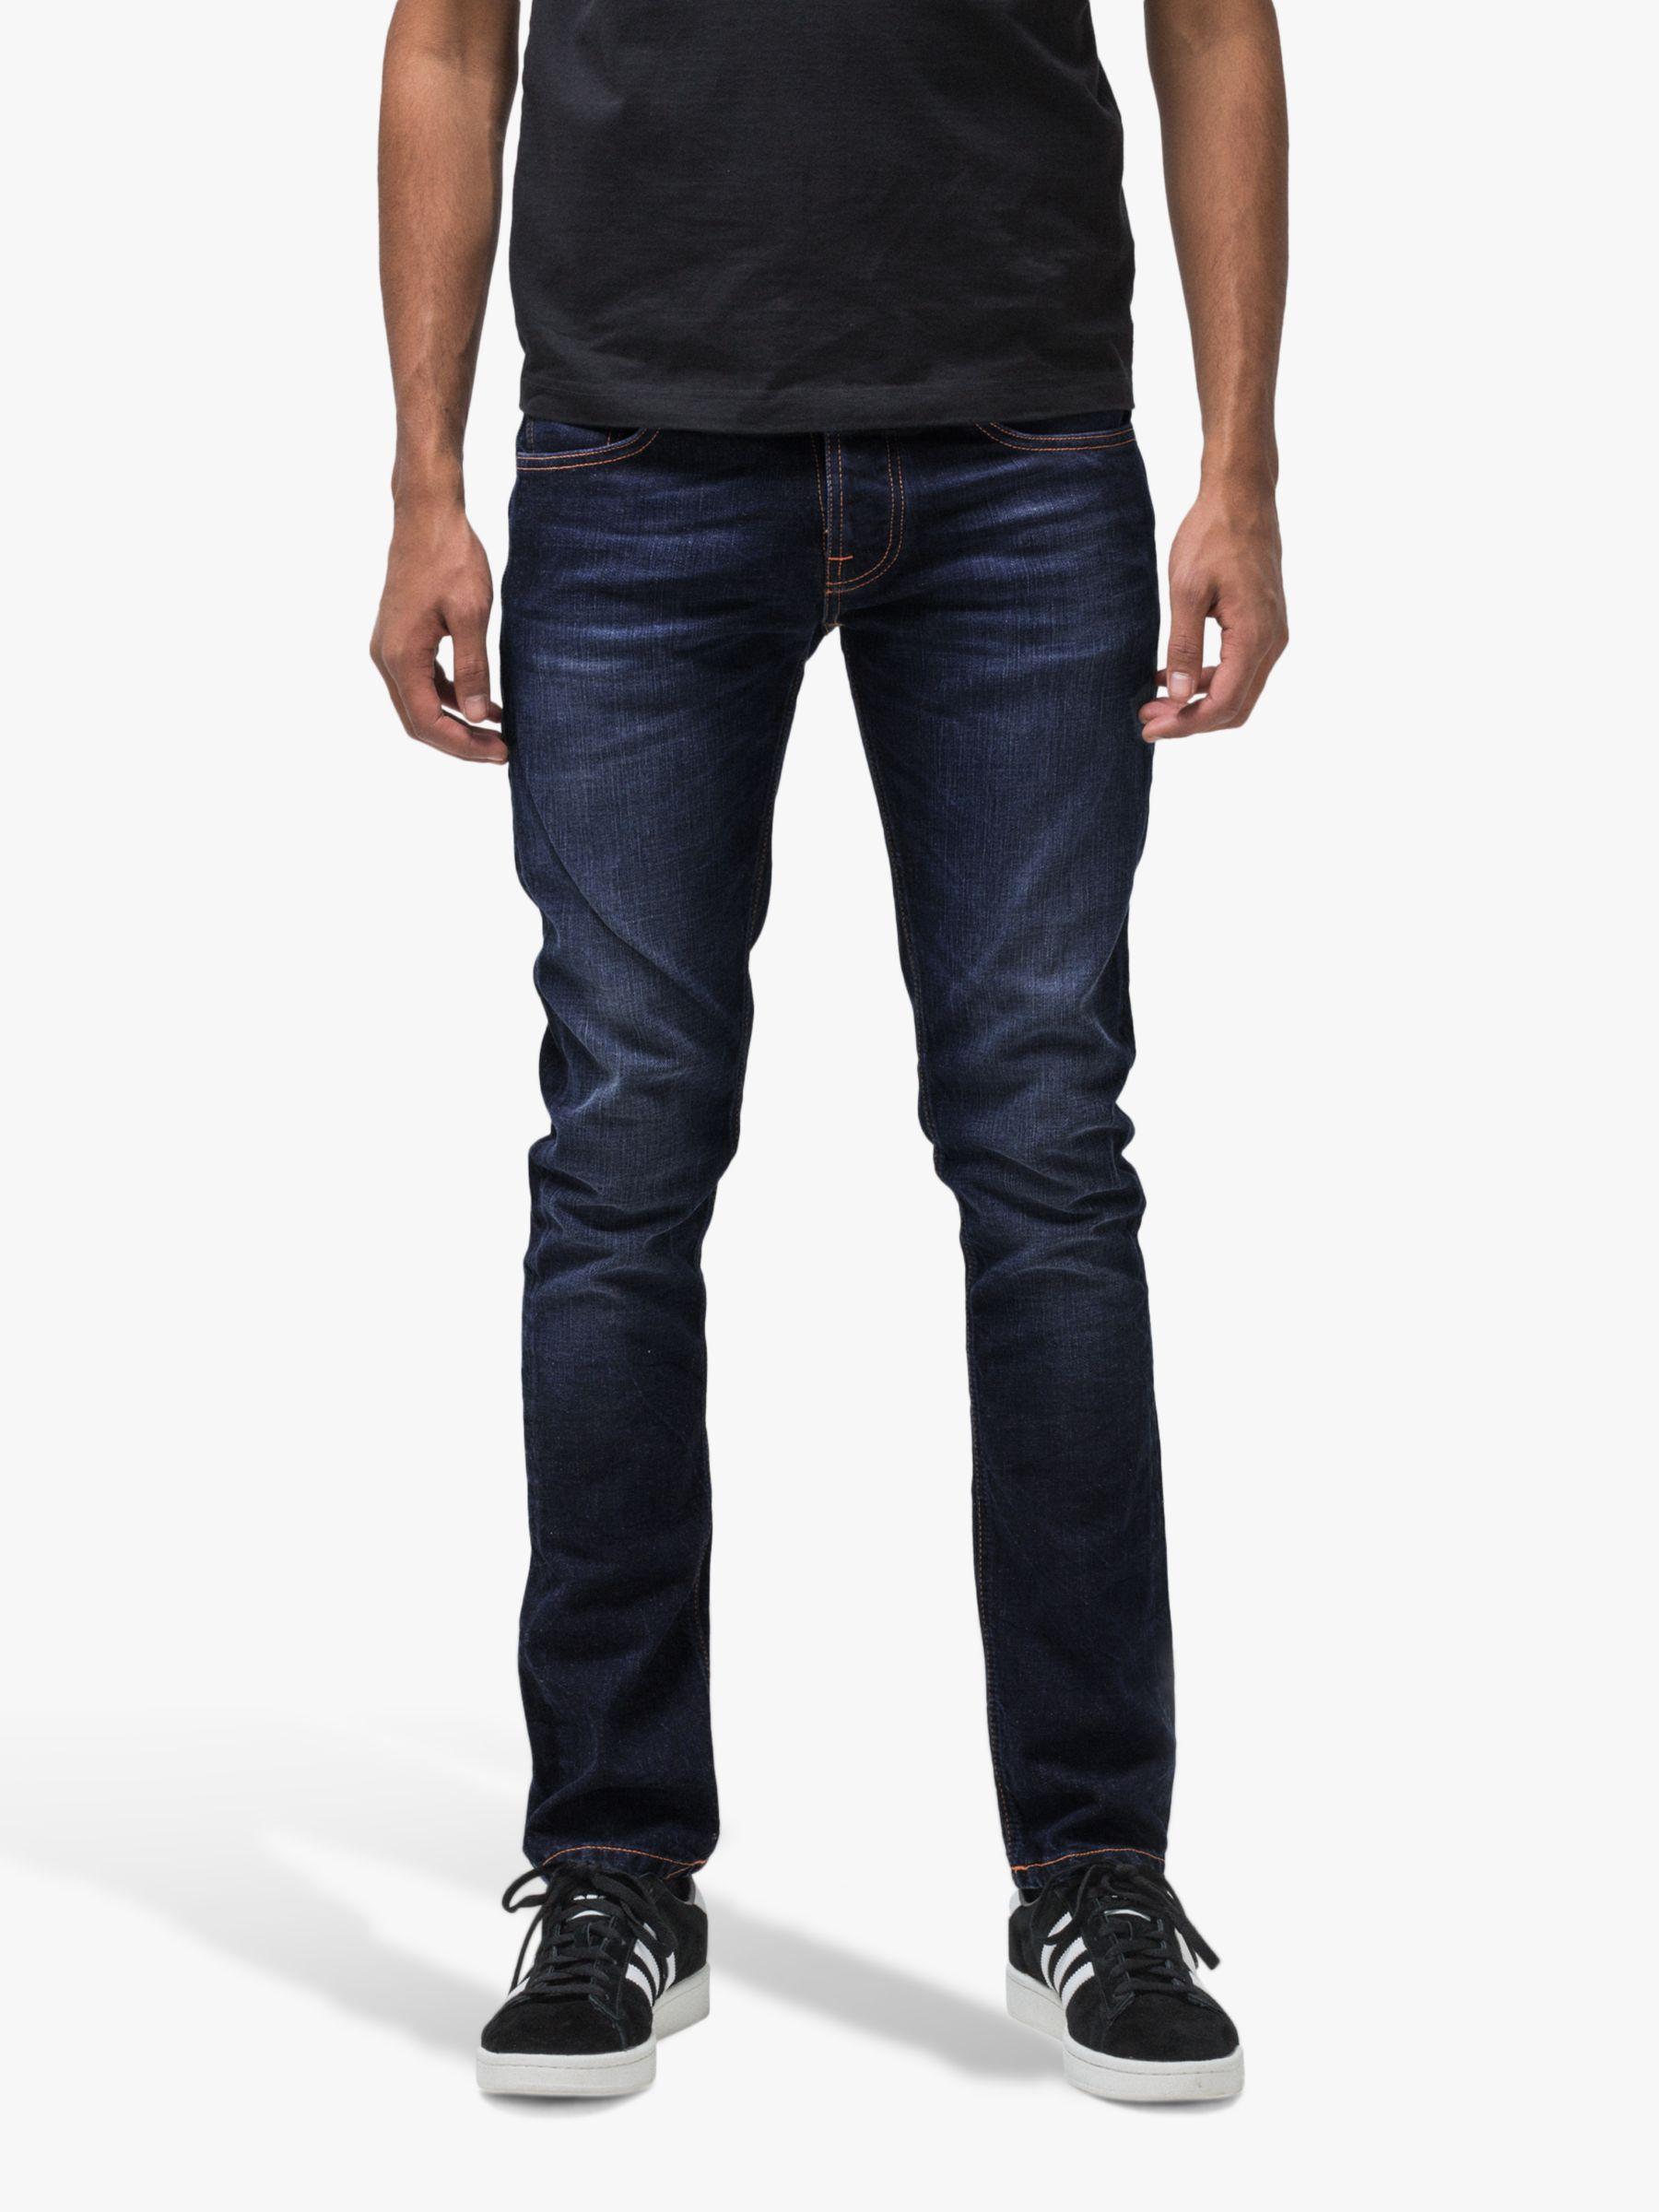 Nudie Jeans Nudie Jeans Slim Grim Tim Jeans, Ink Navy